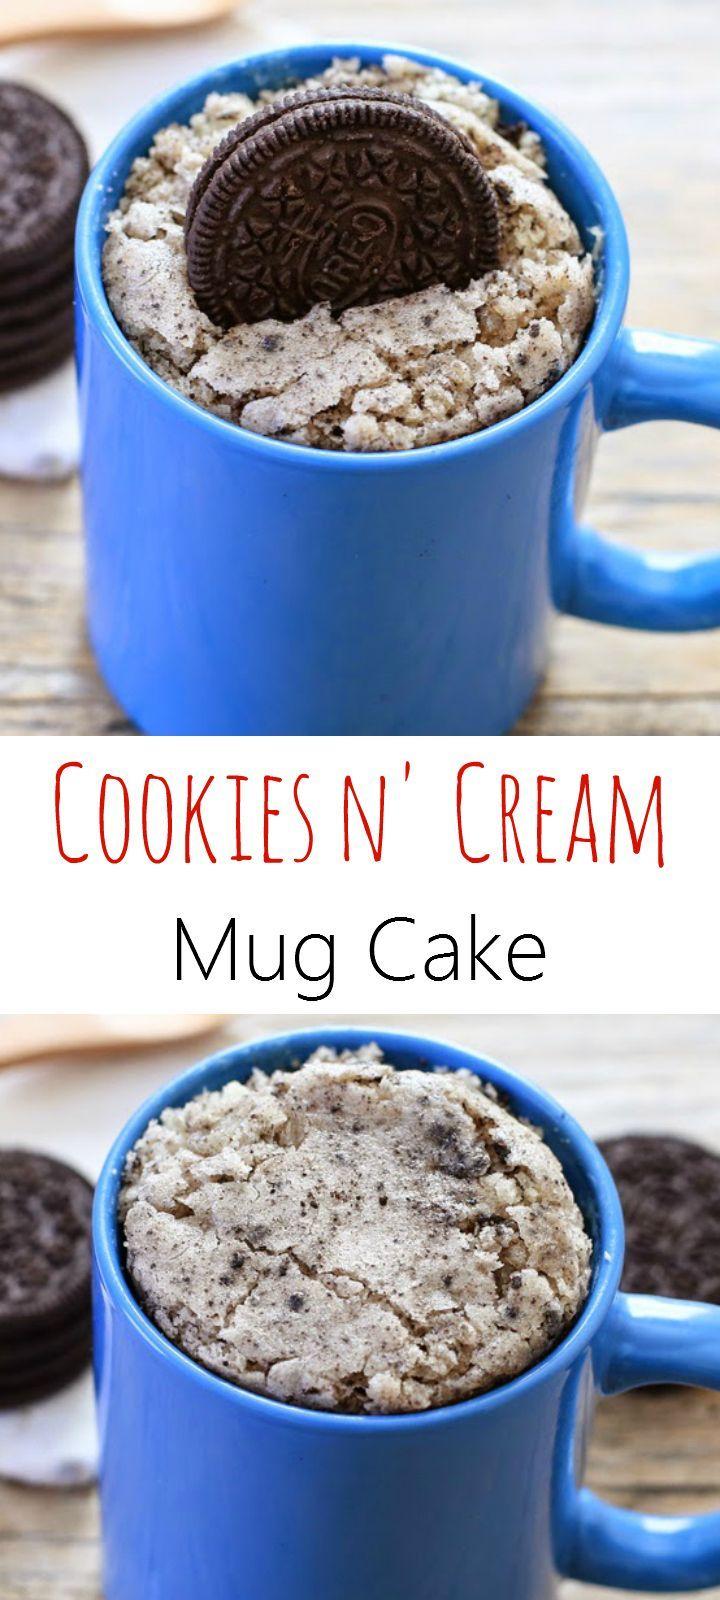 Cookies n cream mug cake recipe mug recipes cookies